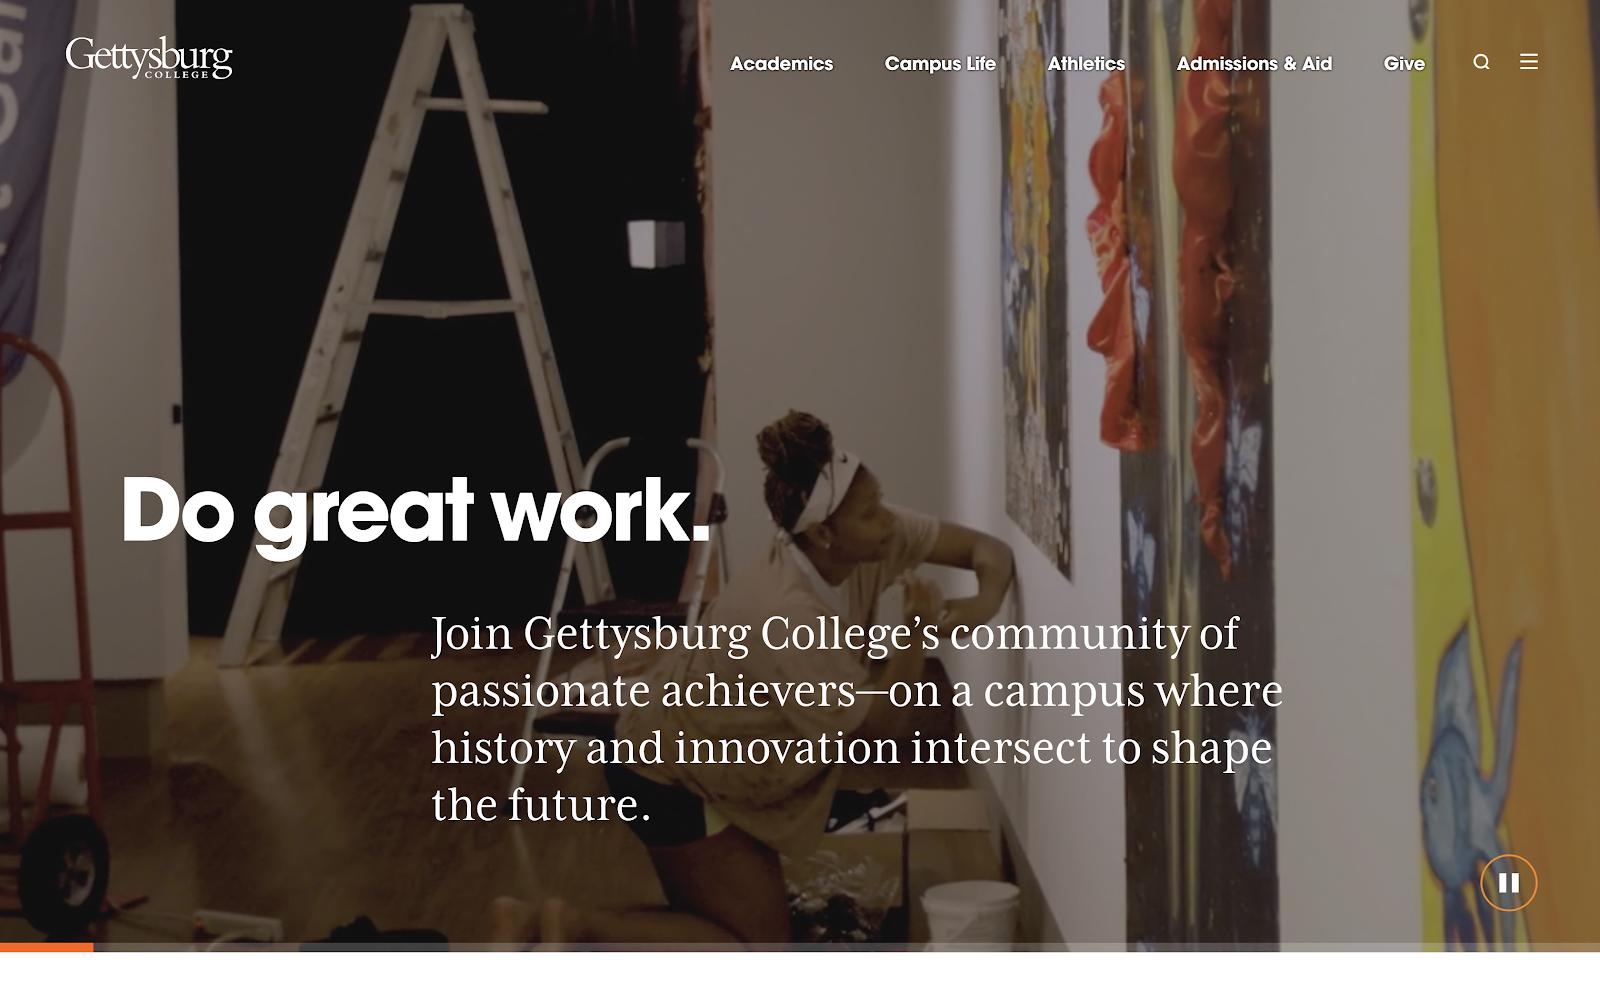 Gettysburg Homepage